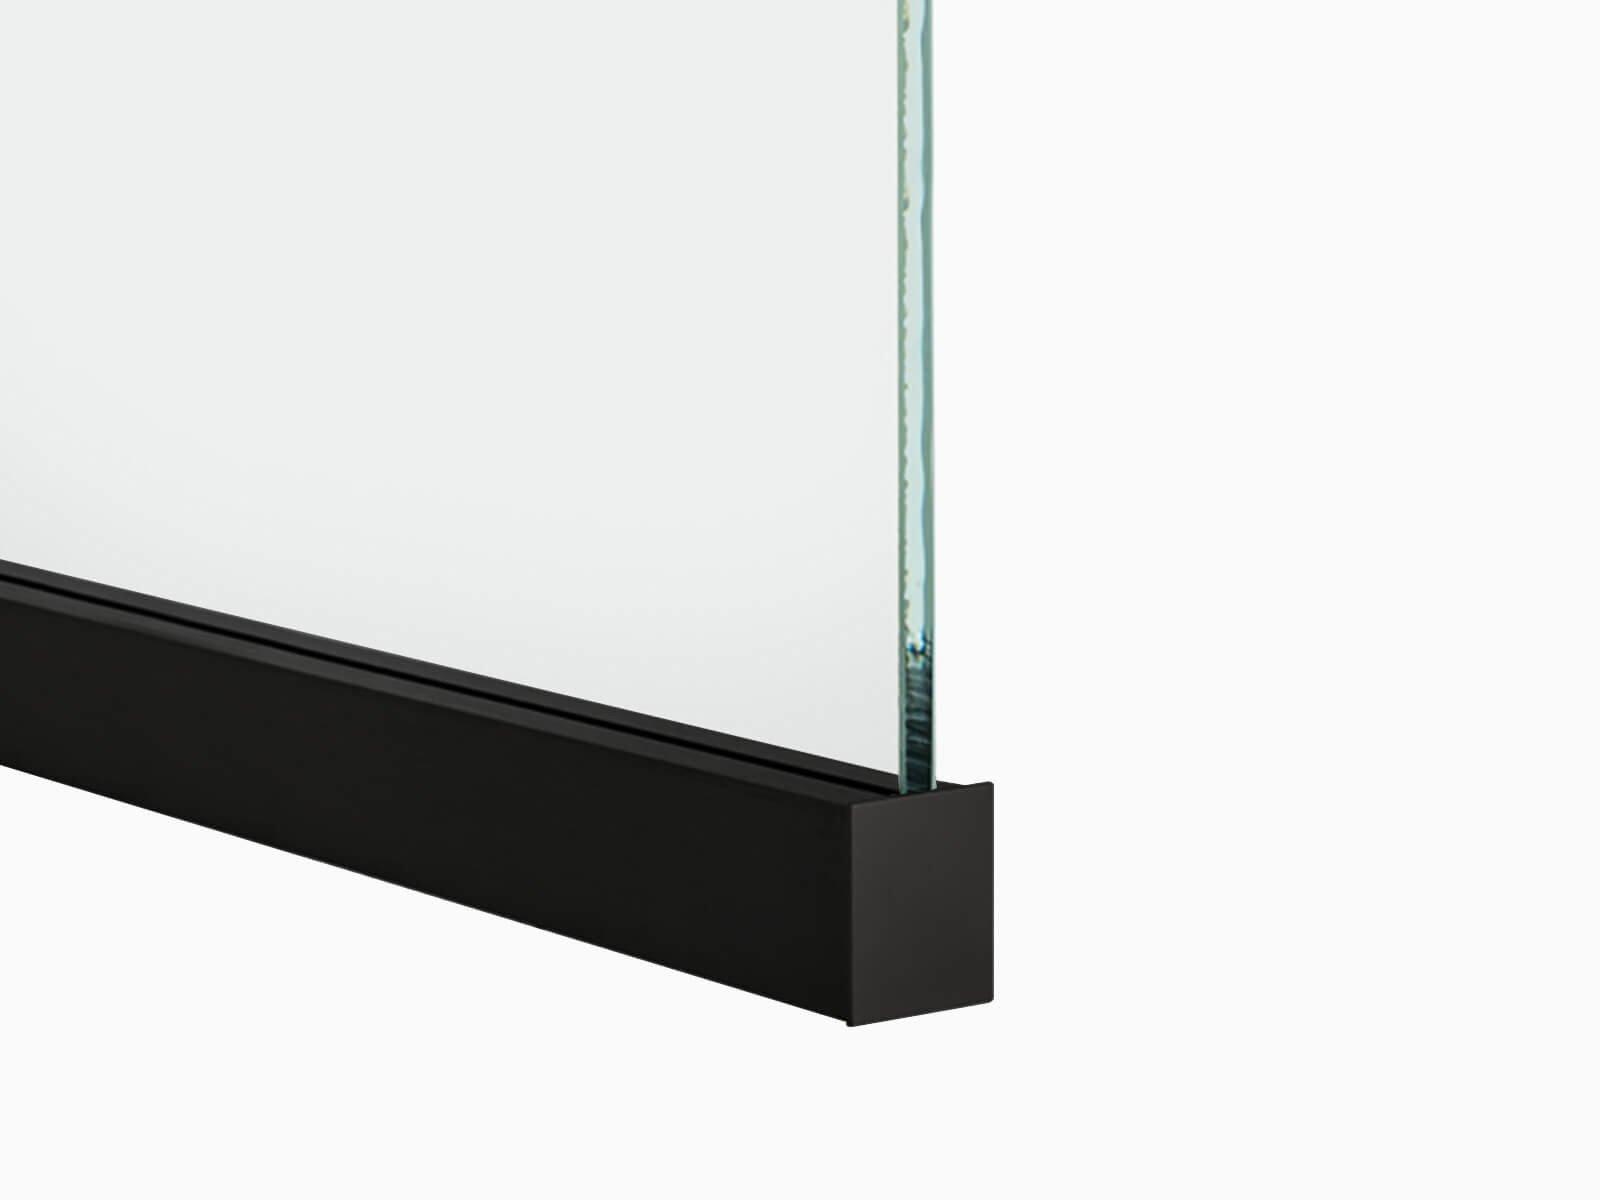 Trennwand Profil Slim Black Edition mit Glasscheibe